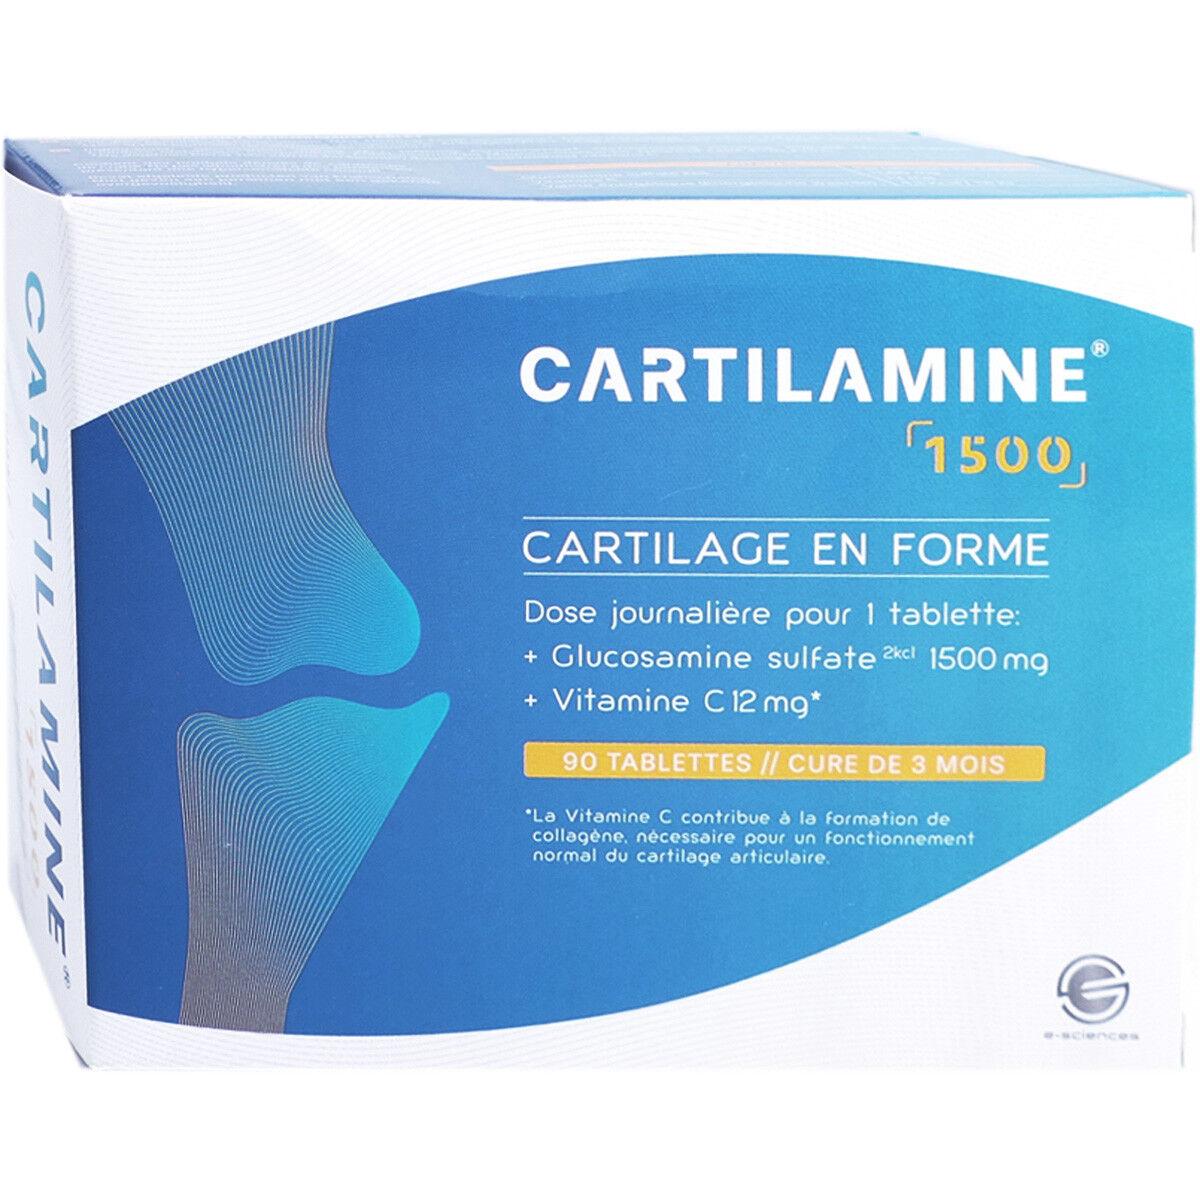 E SCIENCES Cartilamine 1500 - 90 tablettes